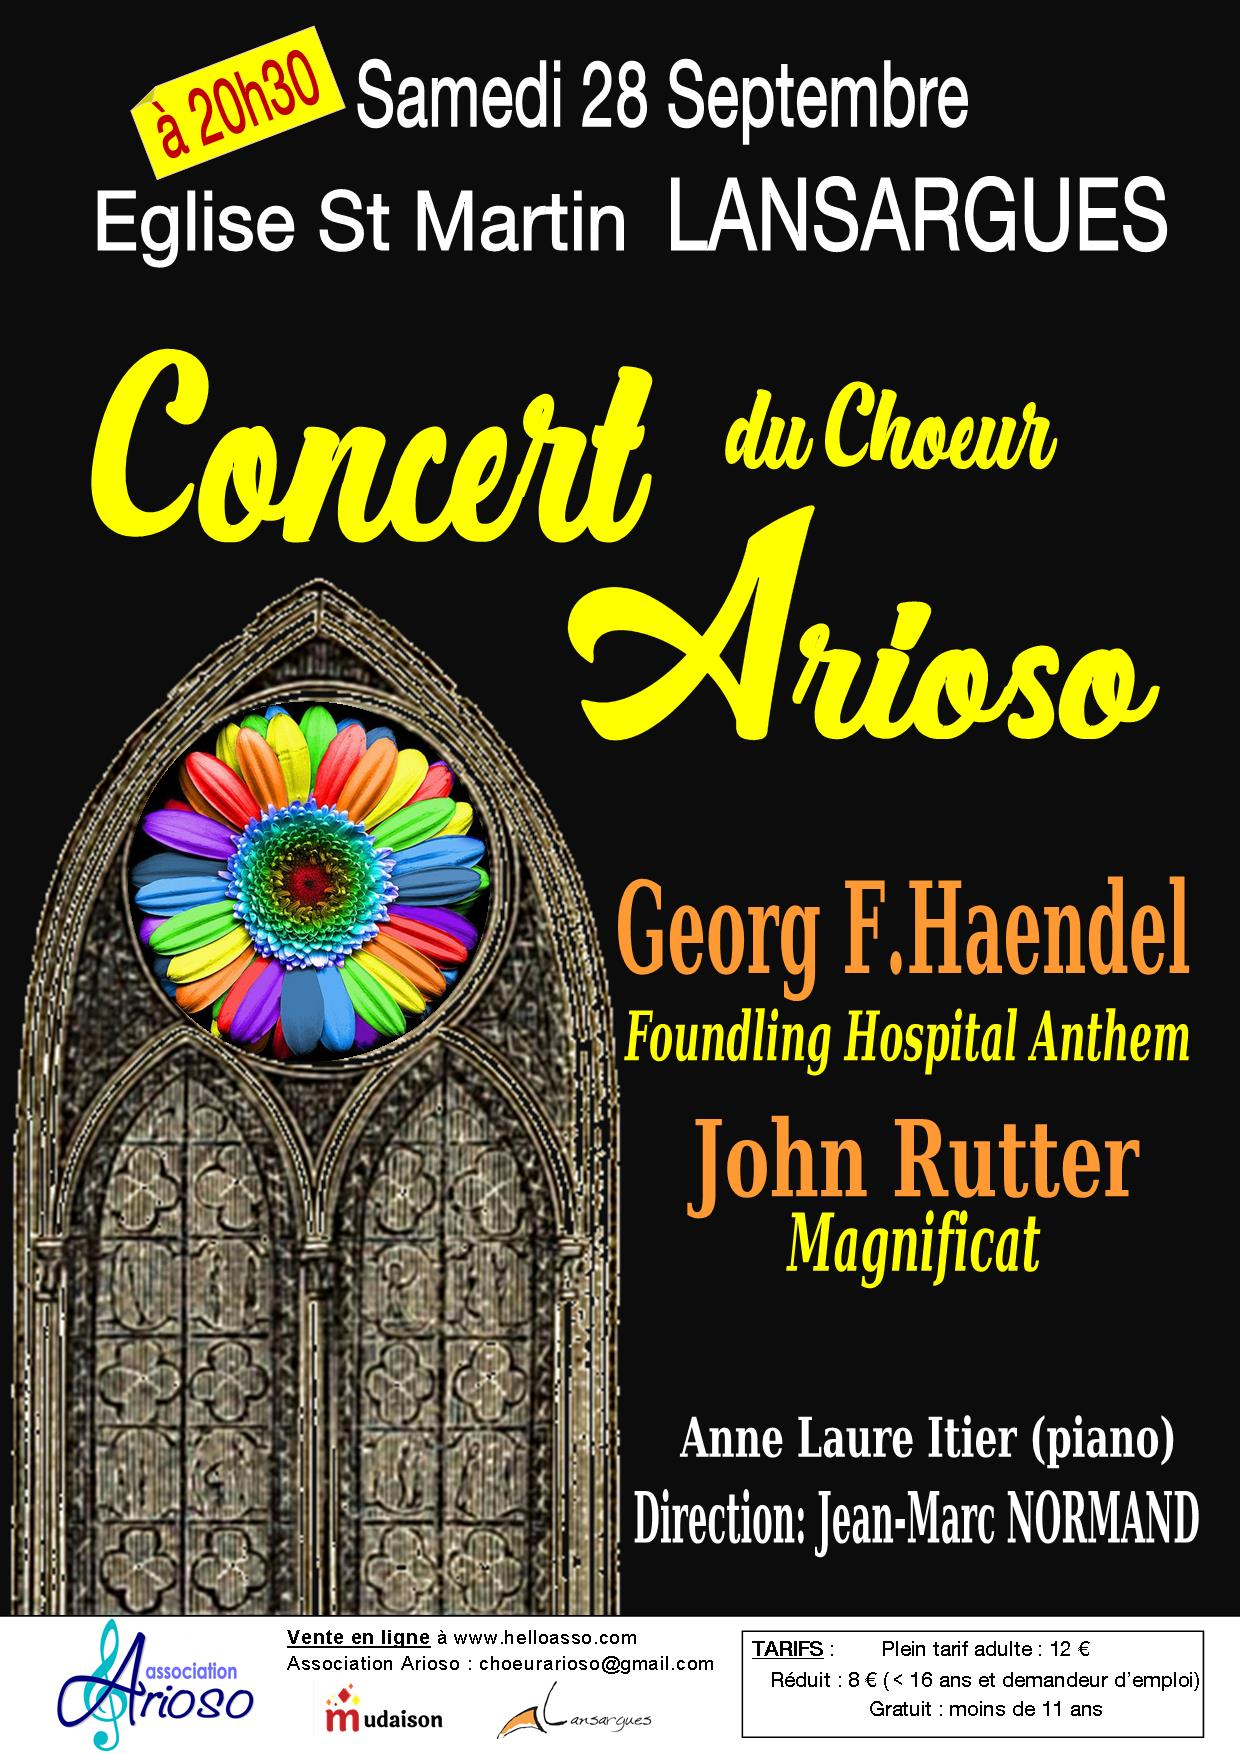 Concert Haendel-Rutter Lansargues